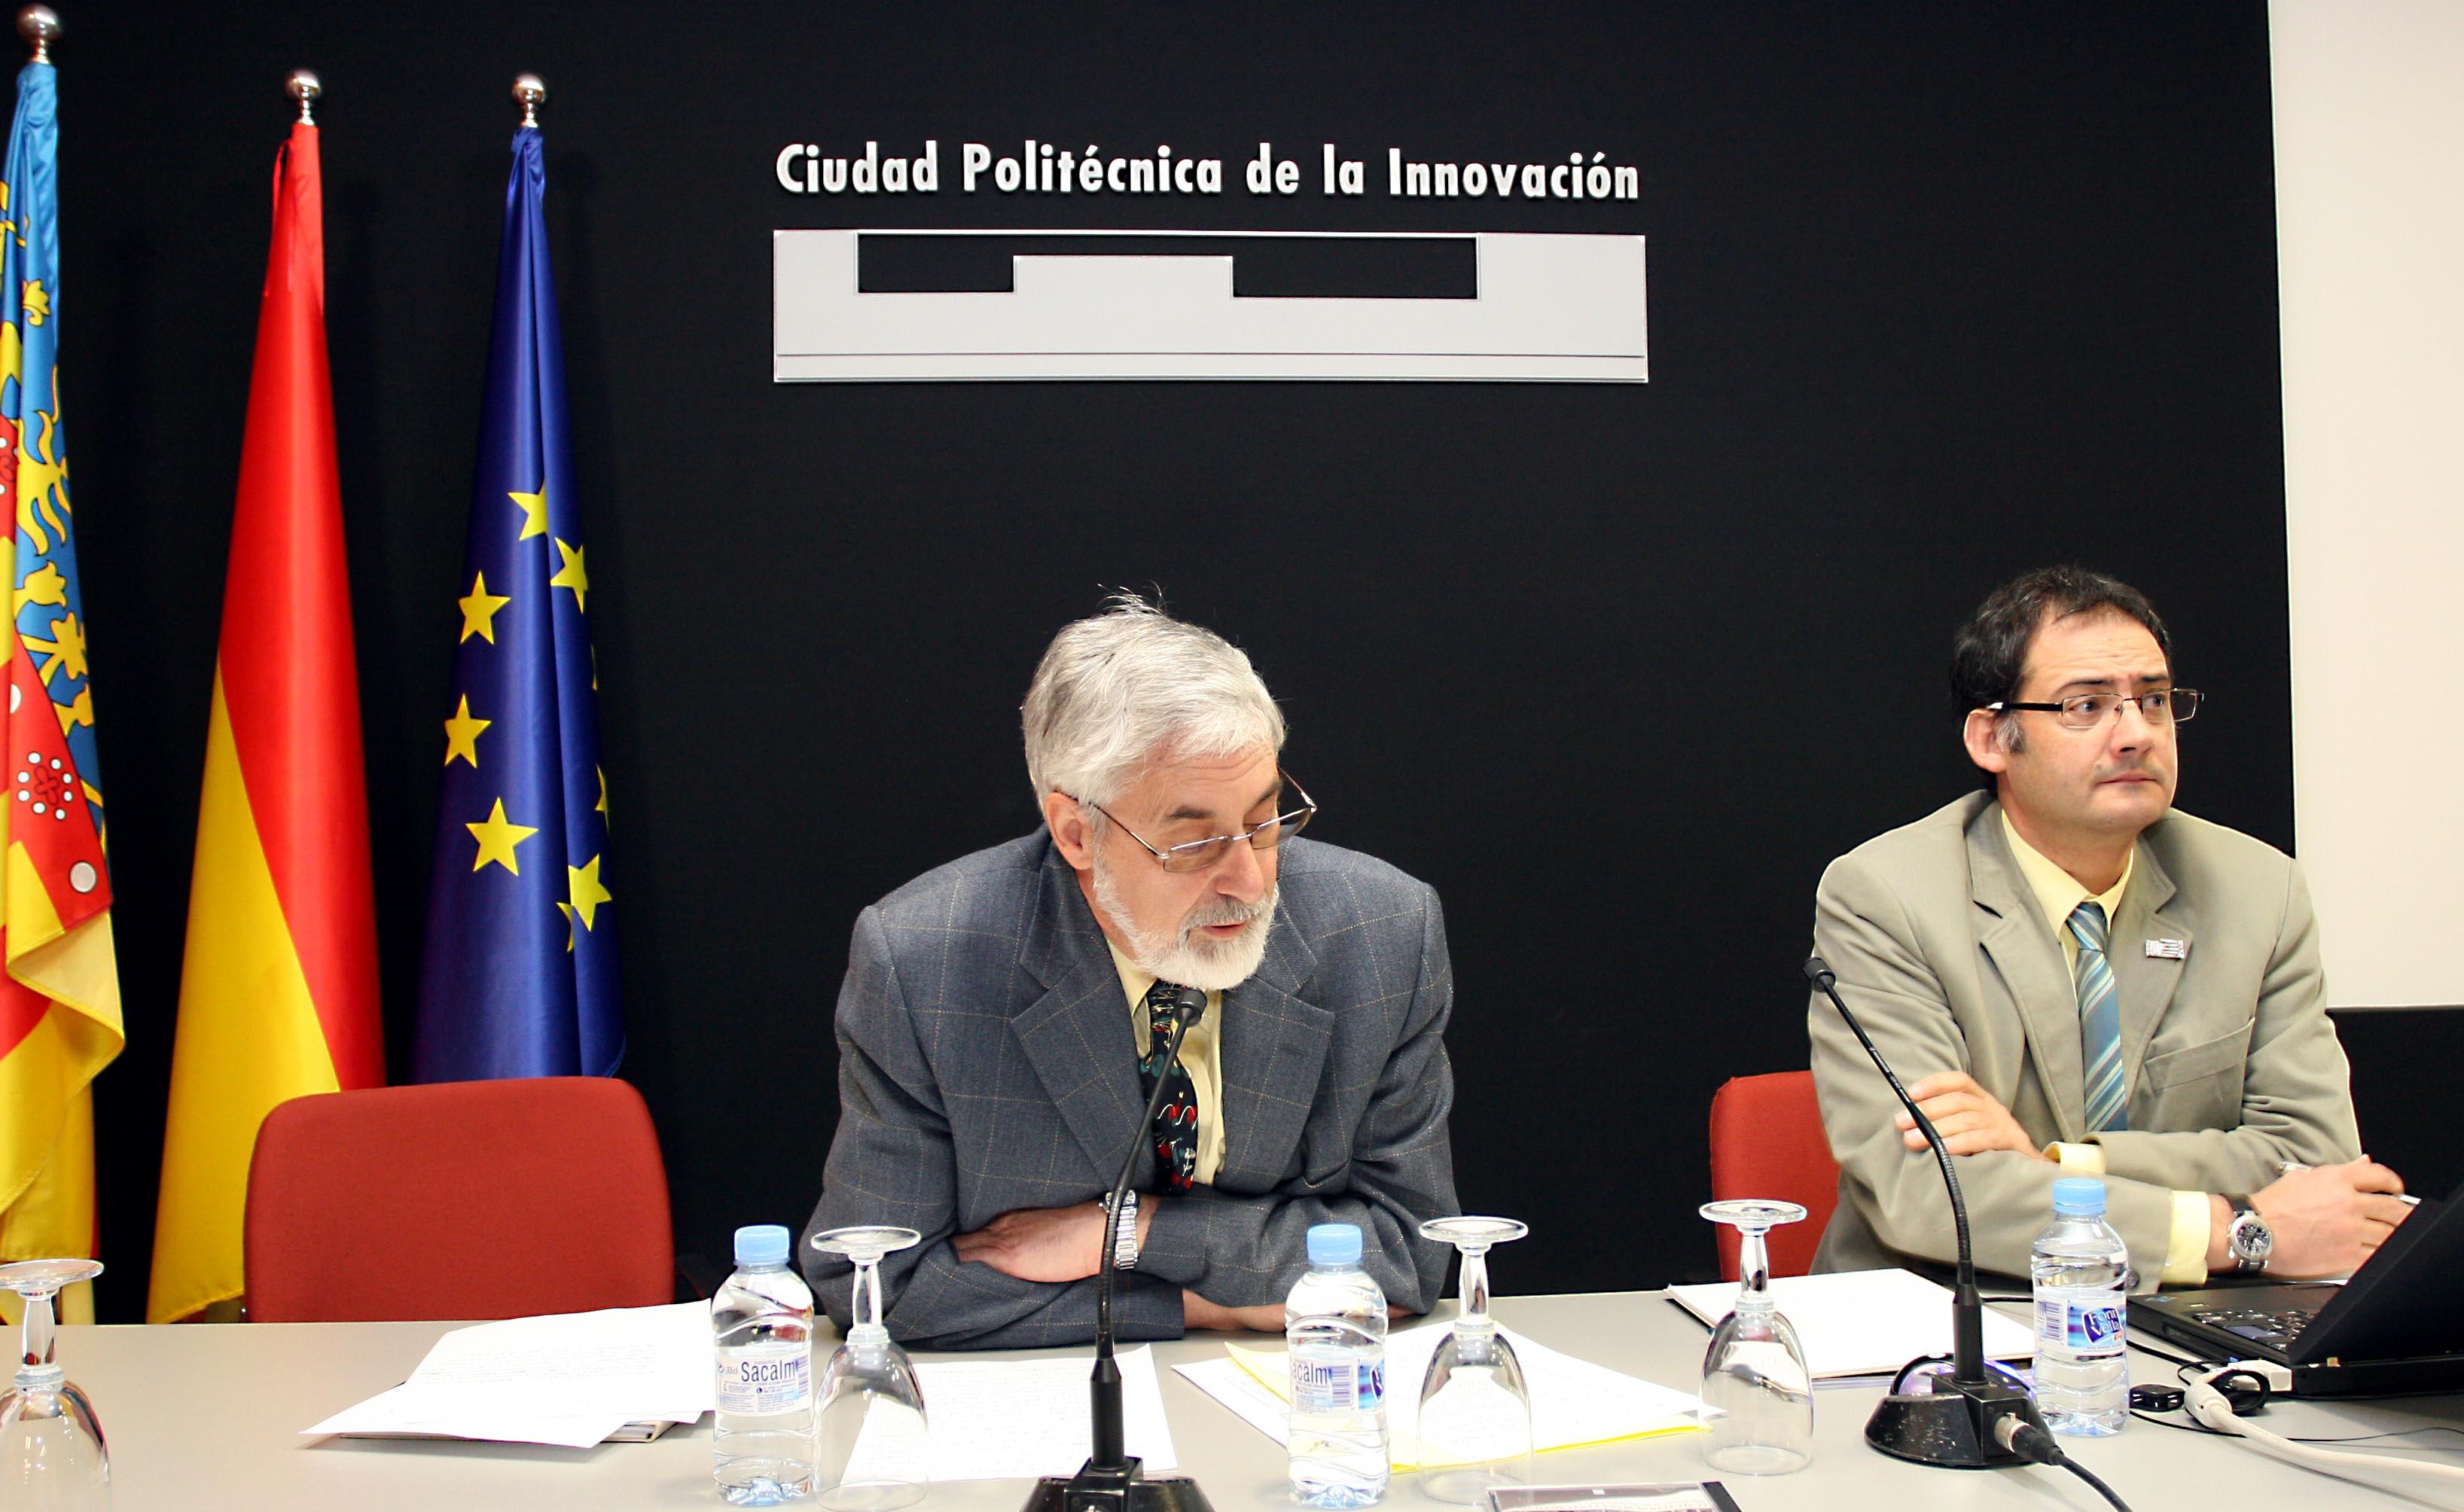 CPI UNVERISAD POLITÉCNICA